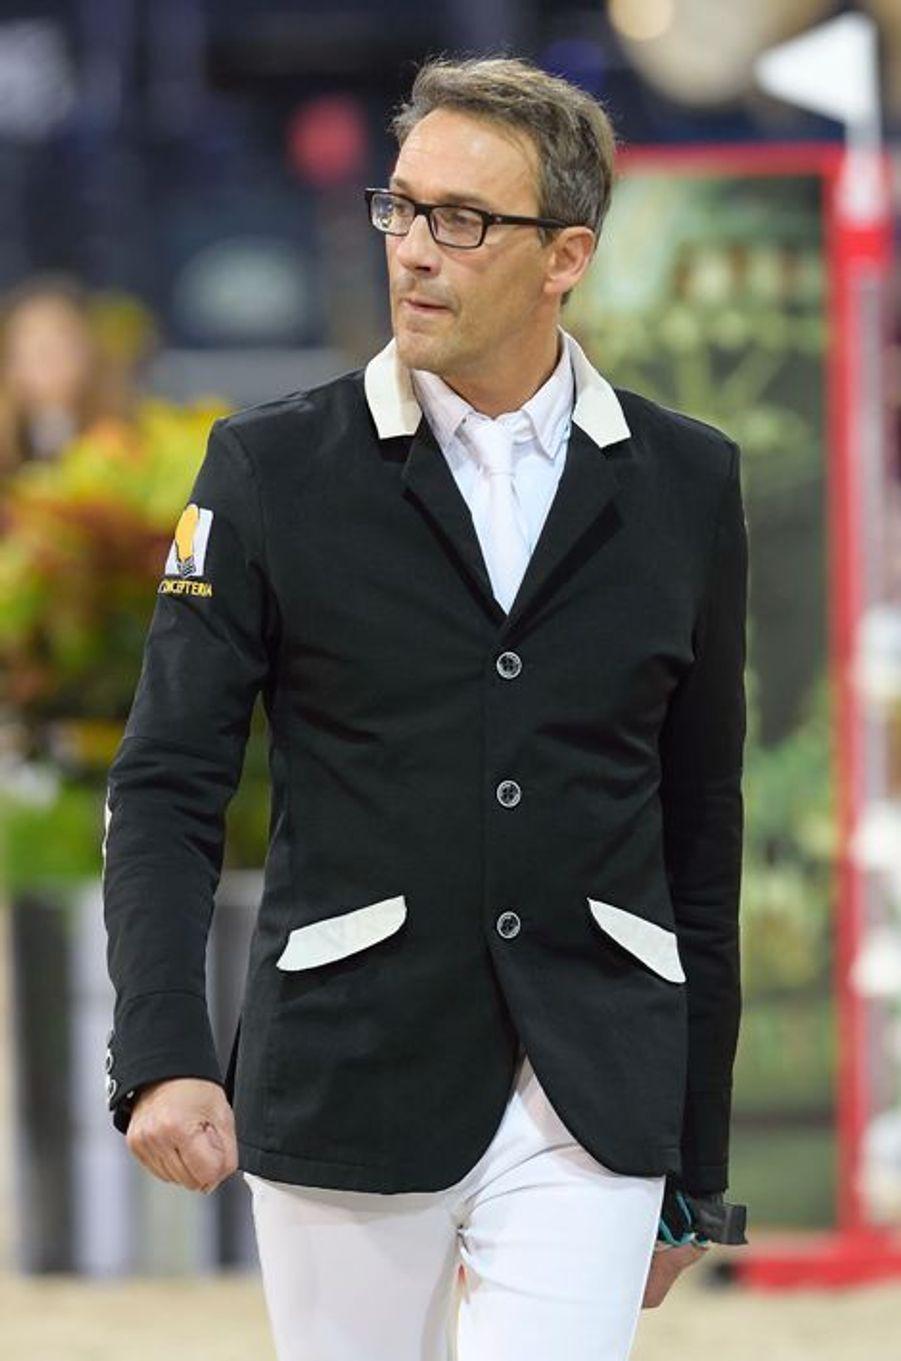 Julien Courbet au Gucci Paris Masters 2014 qui se tient à Paris du 4 au 7 décembre